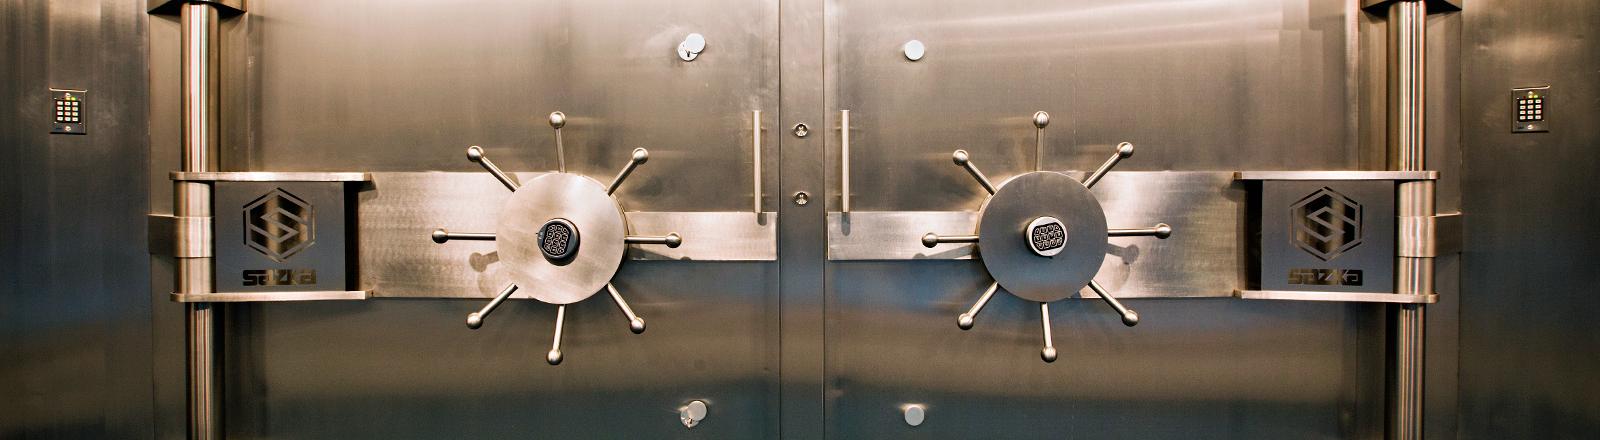 Die Stahltür eines dicken, fetten Tresors.